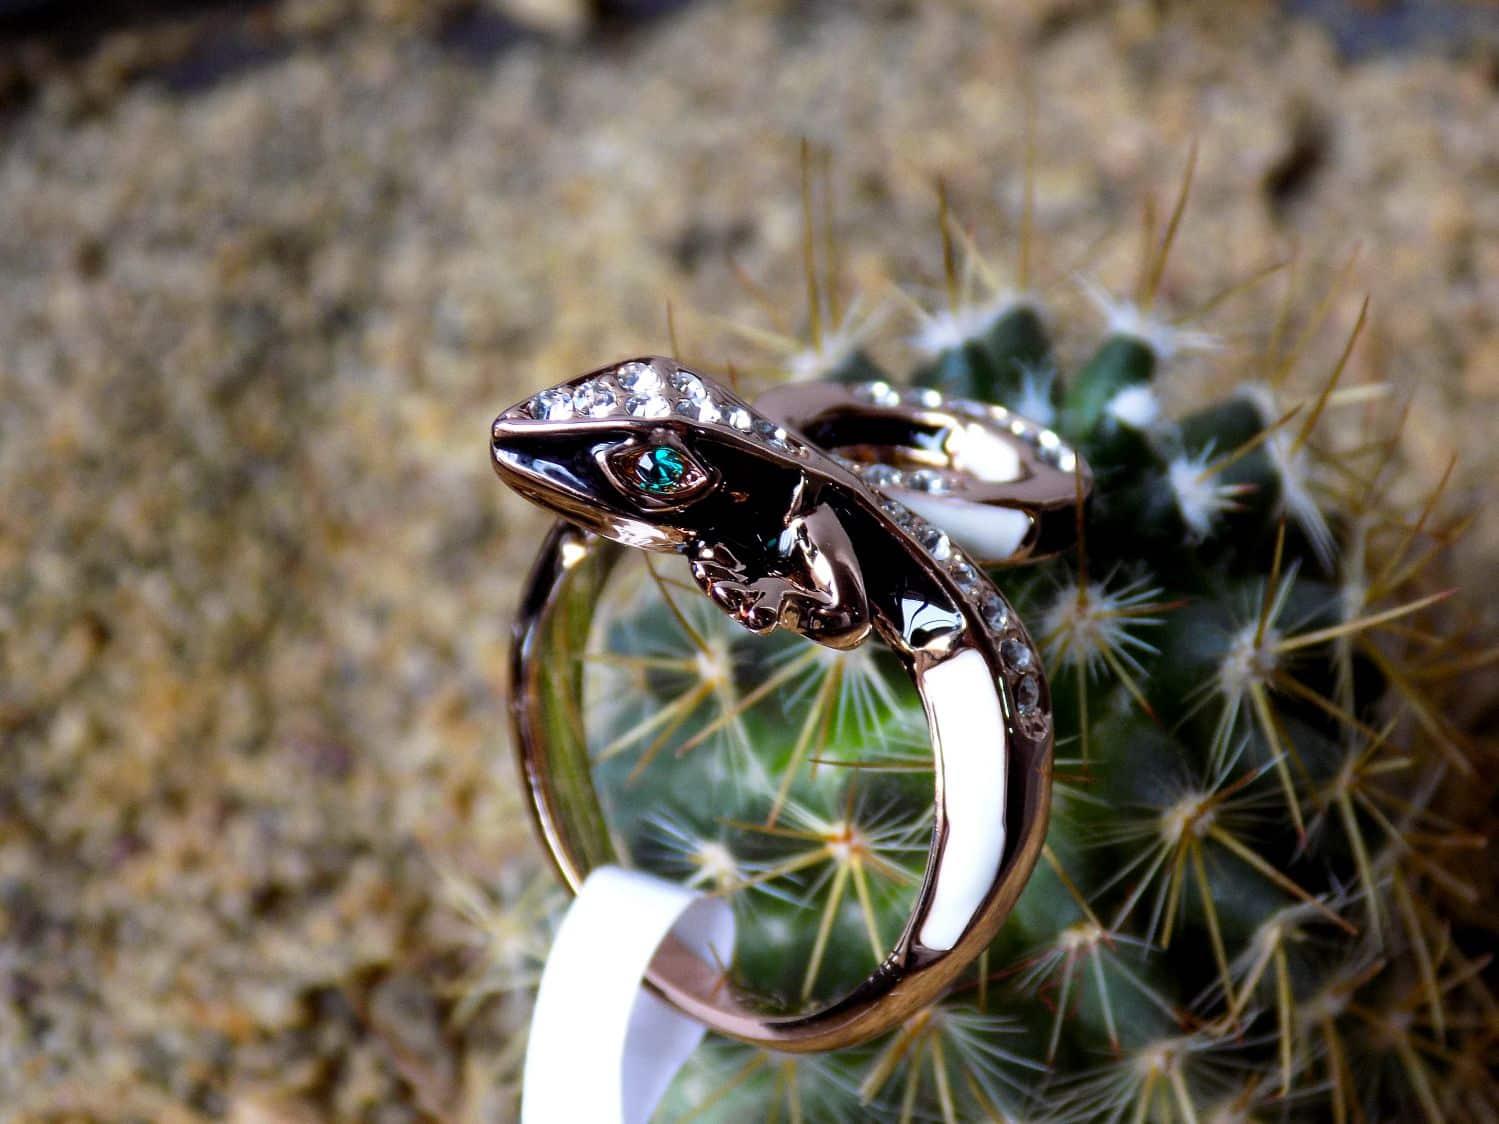 انگشتر دخترانه رزگلد طرح حیوانات با نگین های سفید و سبز سواروسکی rg-n160 (2) از نمای نزدیک